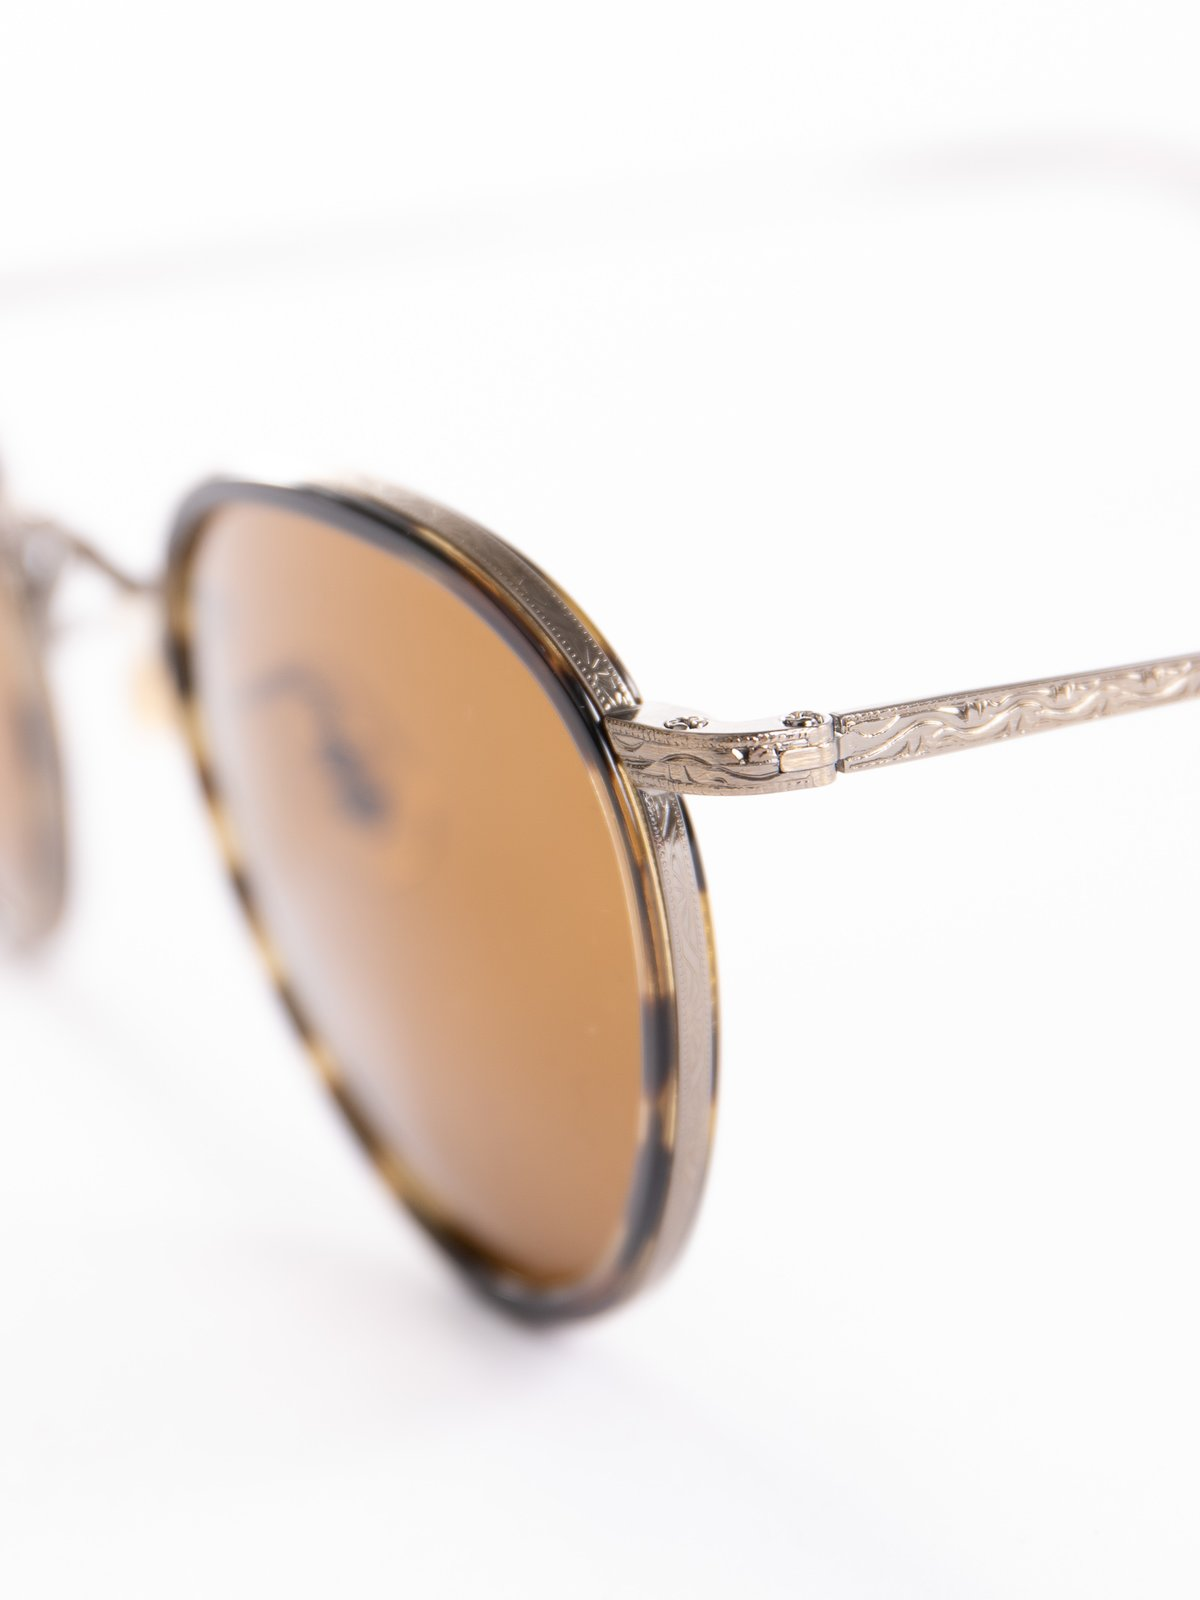 Cocobolo–Antique Gold/Brown MP–2 Sunglasses - Image 3